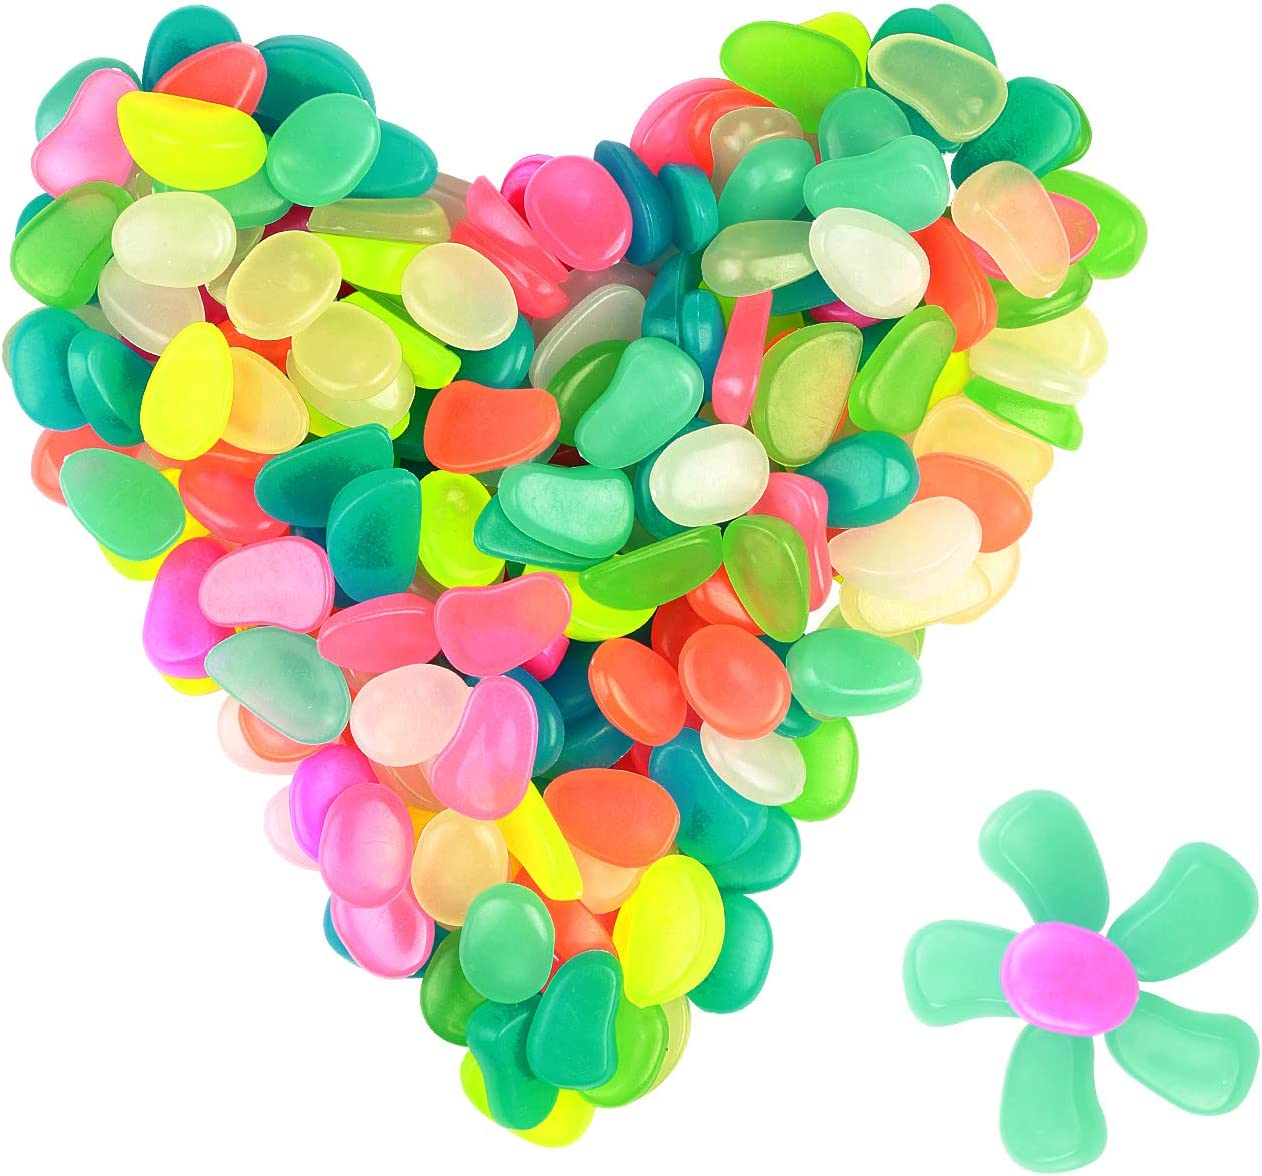 ZoomSky 200 pcs Piedras Luminosos Brillantes de Colores Diferentes (Colorido)